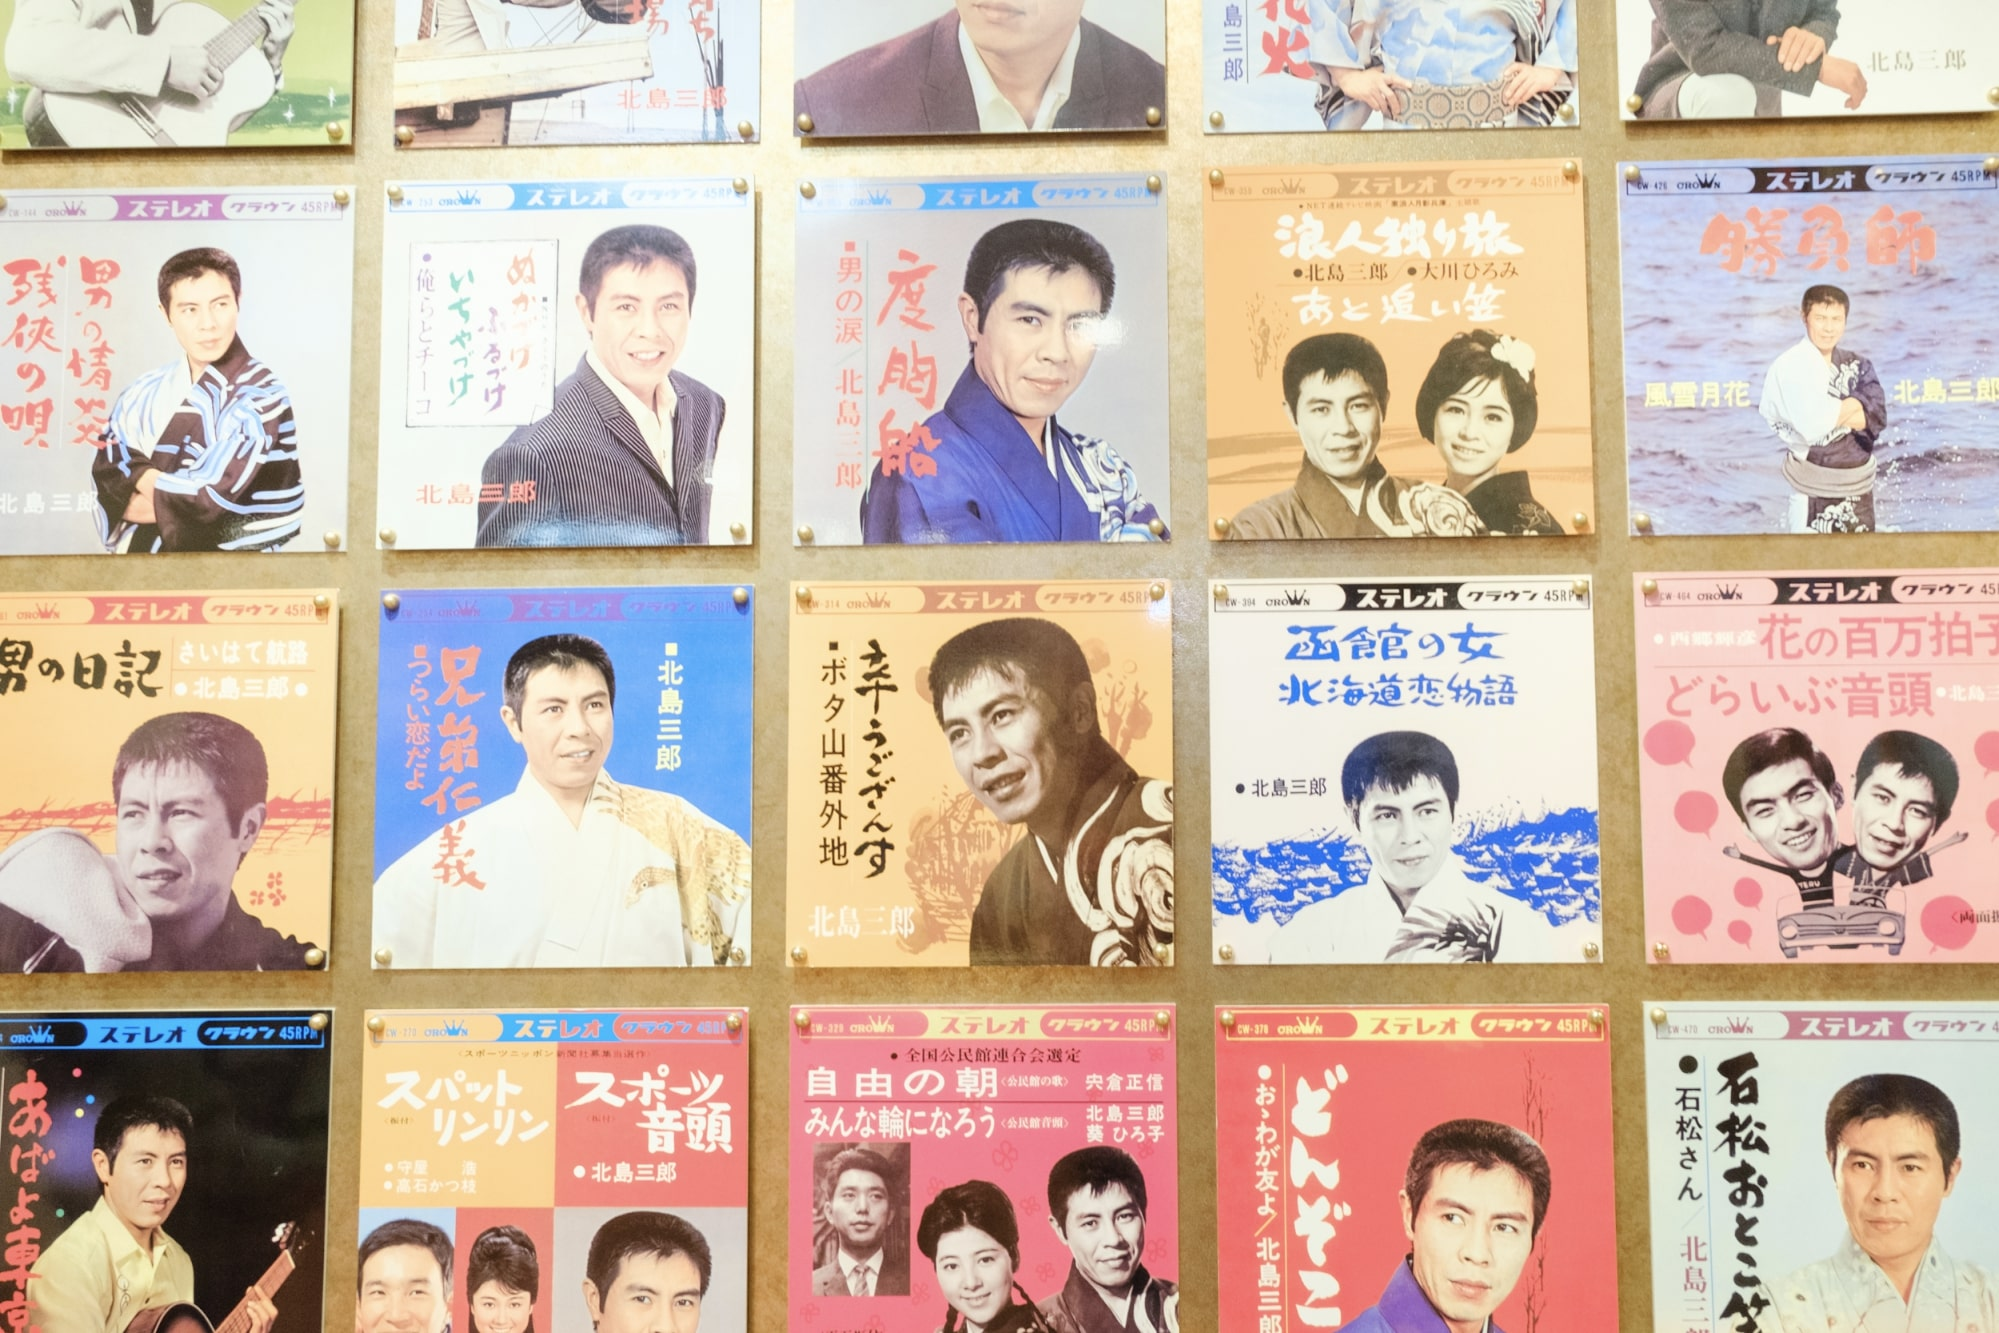 北島三郎記念館にあるレコードジャケット